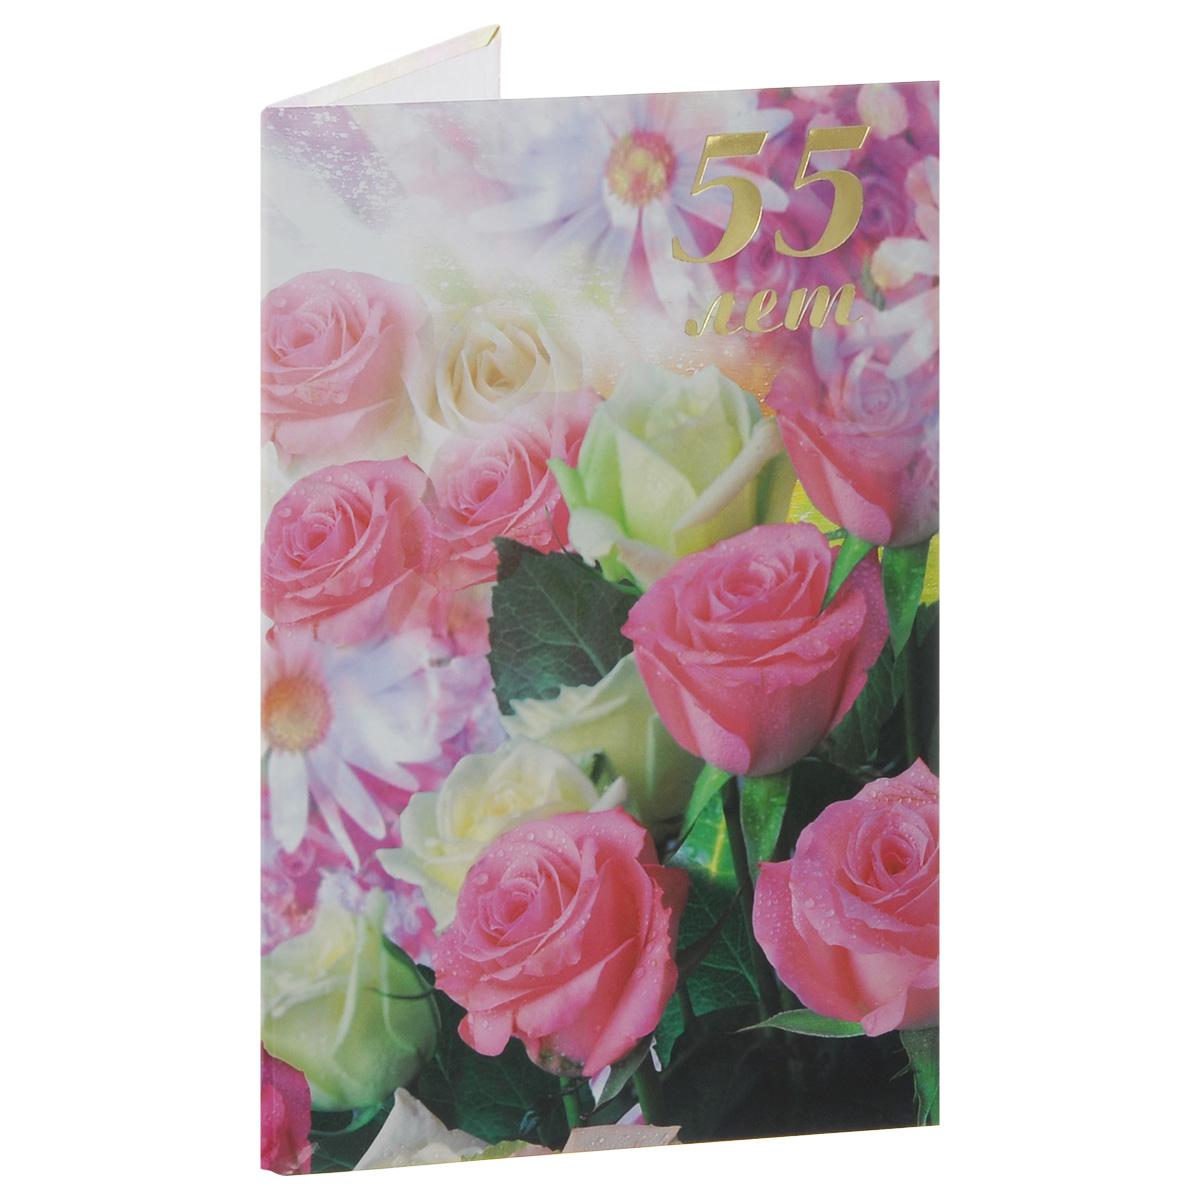 Папка адресная 55 лет. Розы, формат А4АП4-09-035Адресная папка 55 лет. Розы станет прекрасным дополнением к подарку на юбилей. Папка выполнена из плотного ламинированного картона с поролоновой подложкой. На красочной обложке расположена надпись 55 лет, нанесенная методом тиснения импортной фольгой. Внутренние форзацы выполнены из плотной бумаги белого цвета. Для закрепления вкладыша предусмотрена лента-фиксатор.